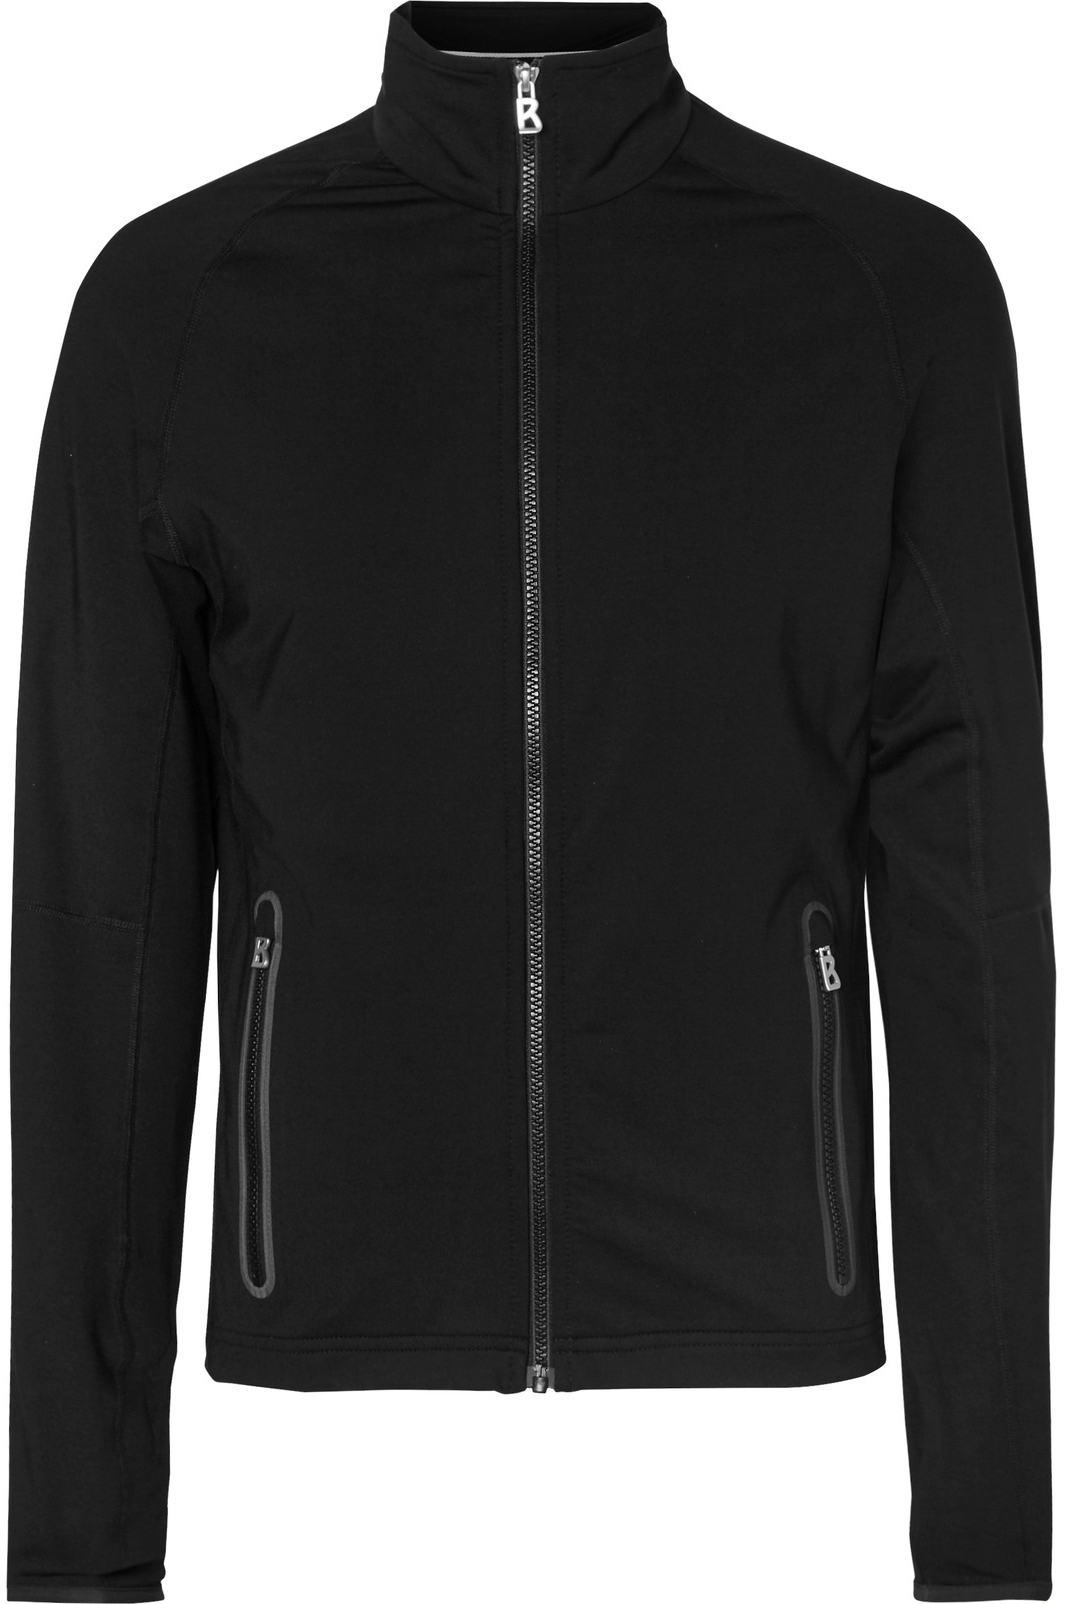 Bogner Tom Stretch-Jersey Mid-Layer Jacket at Mr. Porter, $500